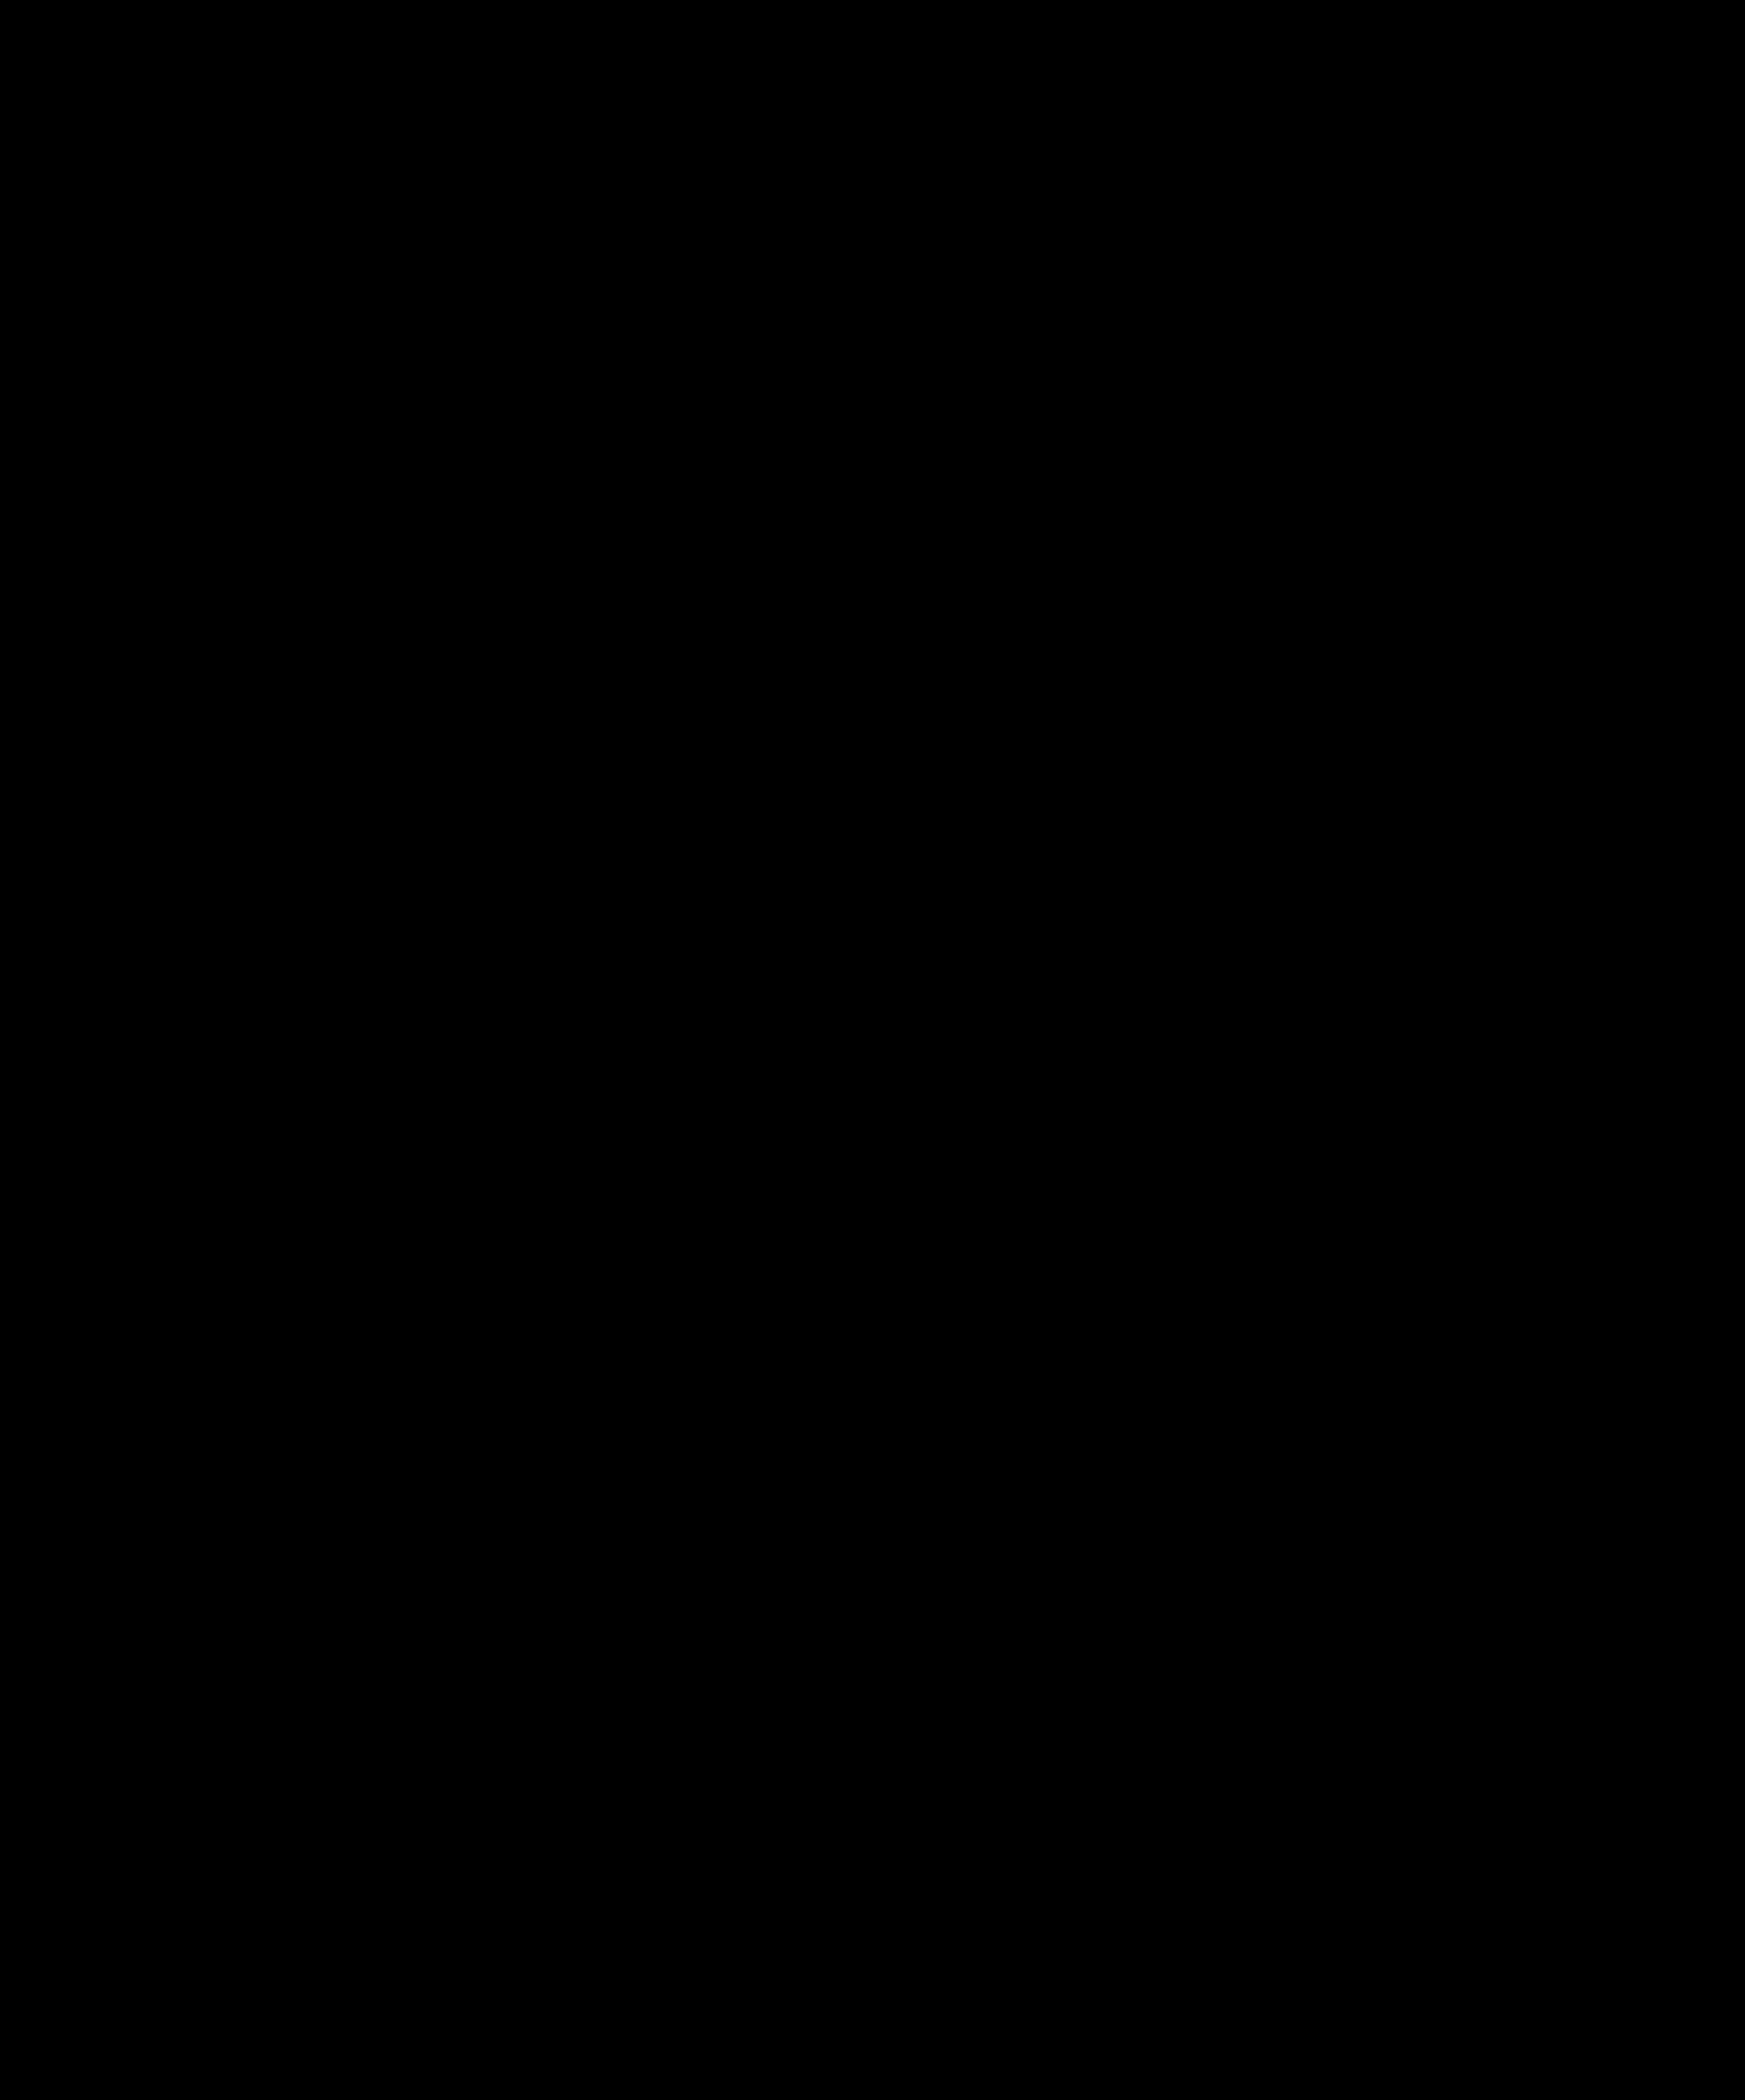 раскраска клевер луговой инструмент